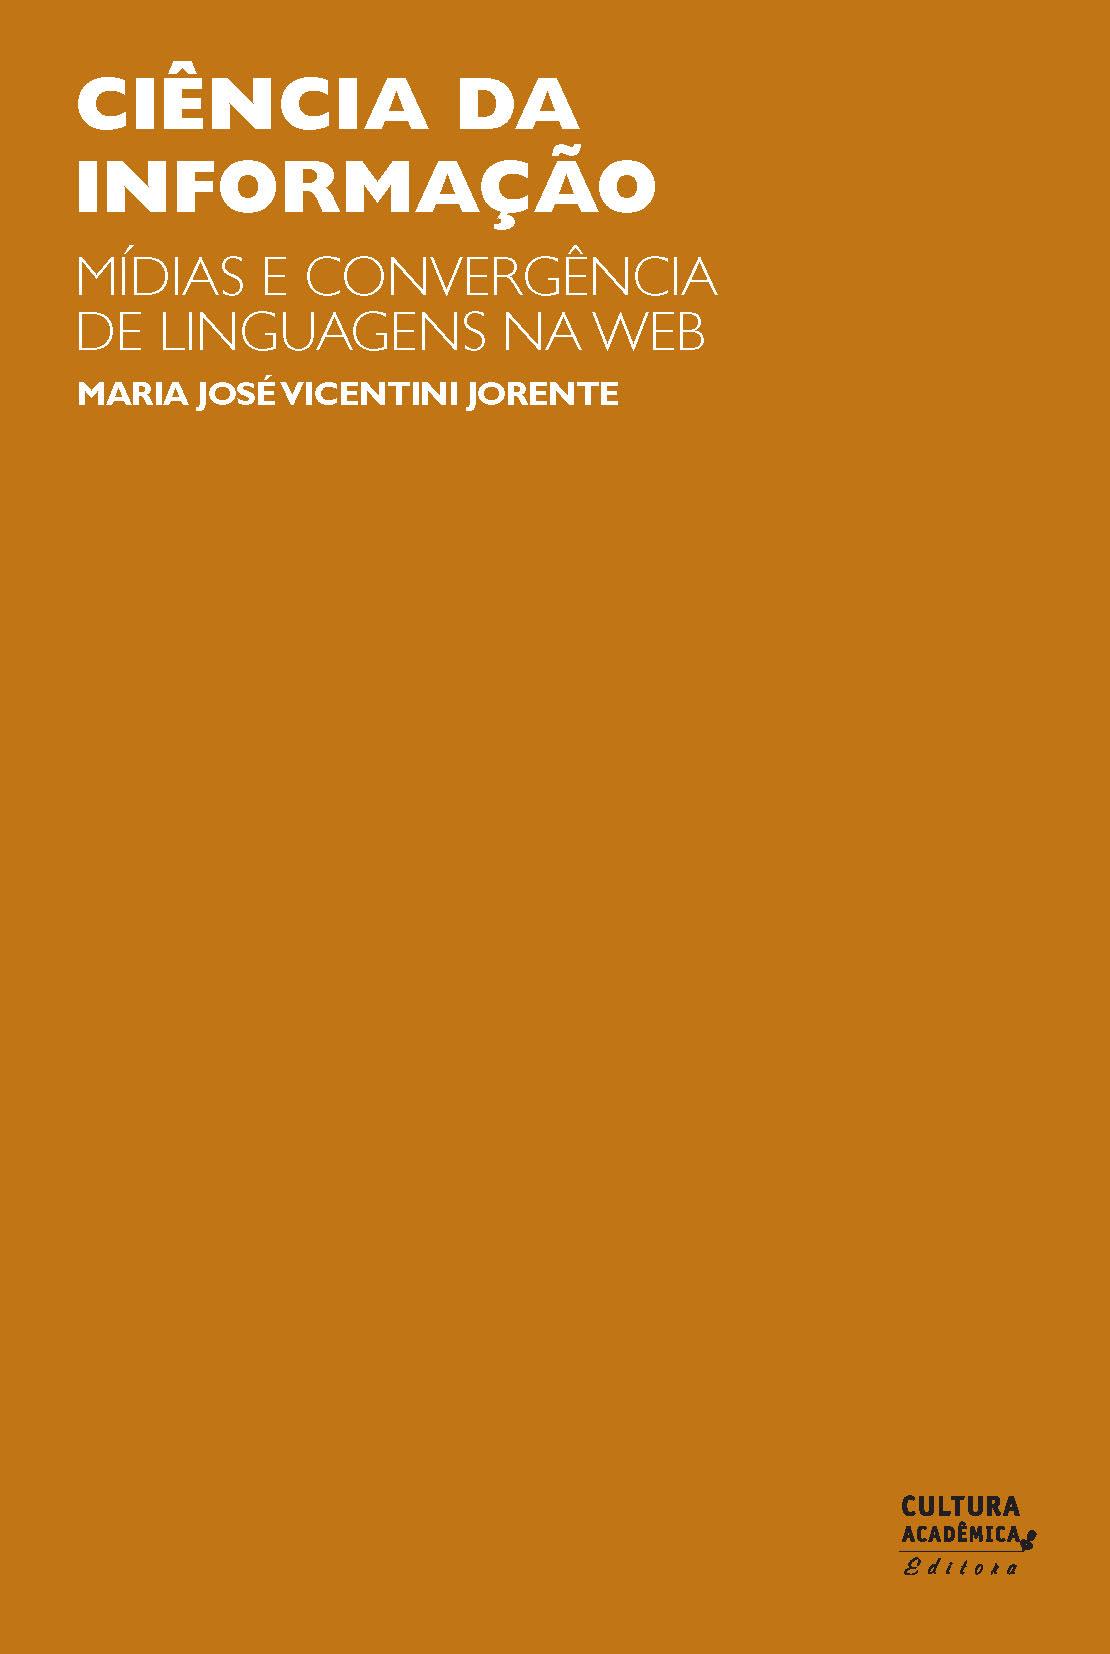 Ciência da informação Mídias e convergência de linguagens na web